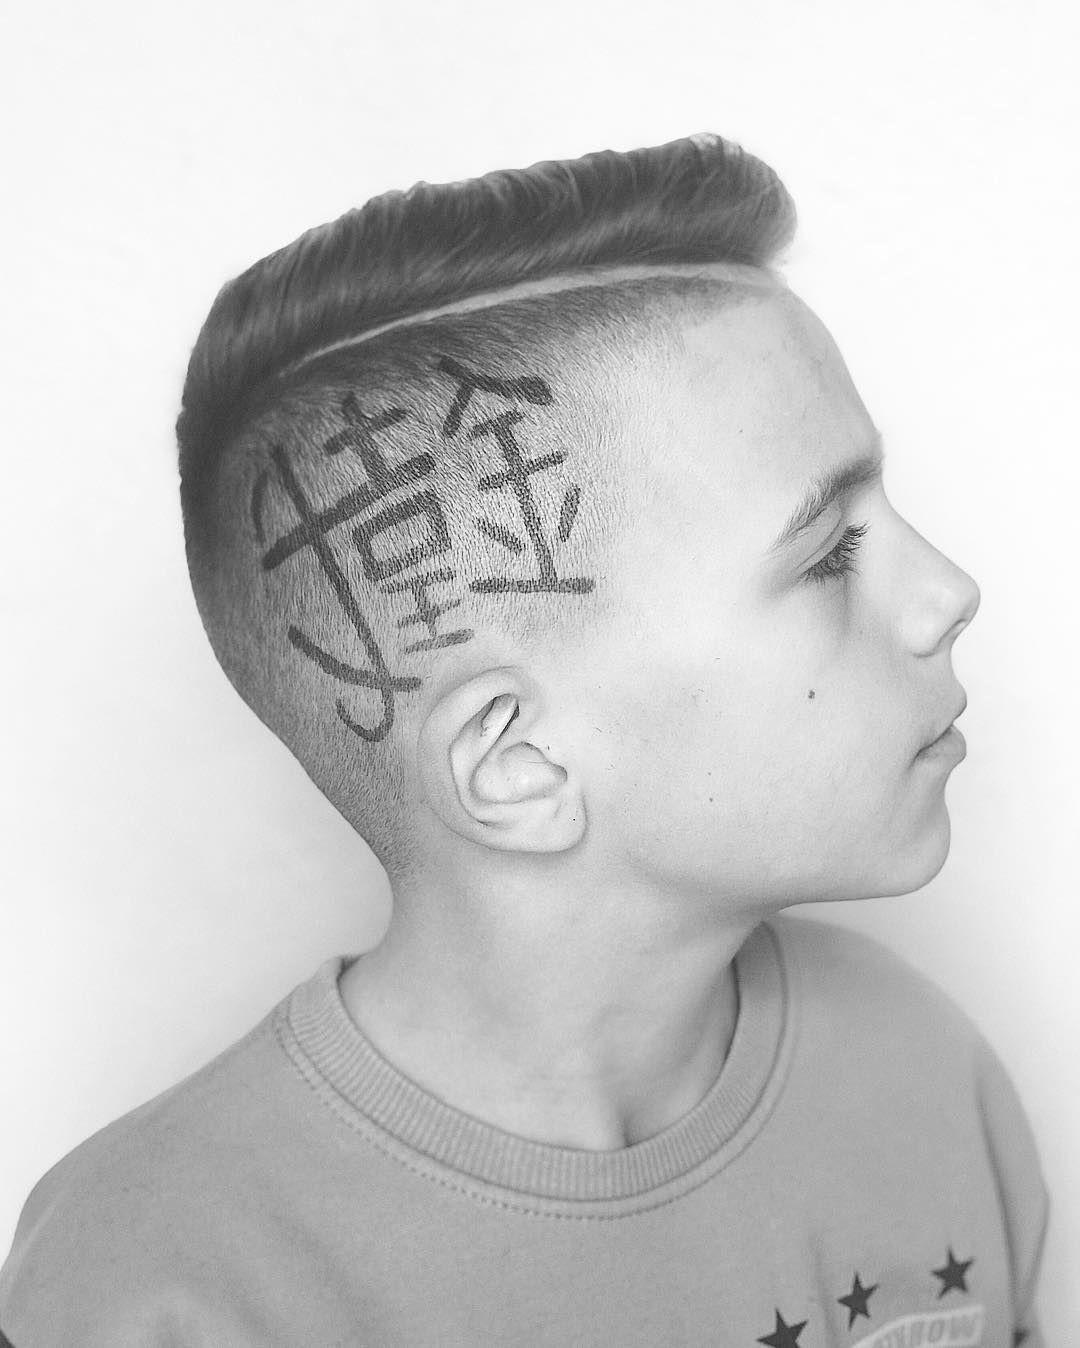 Hieroglyph Hair Design for Boys